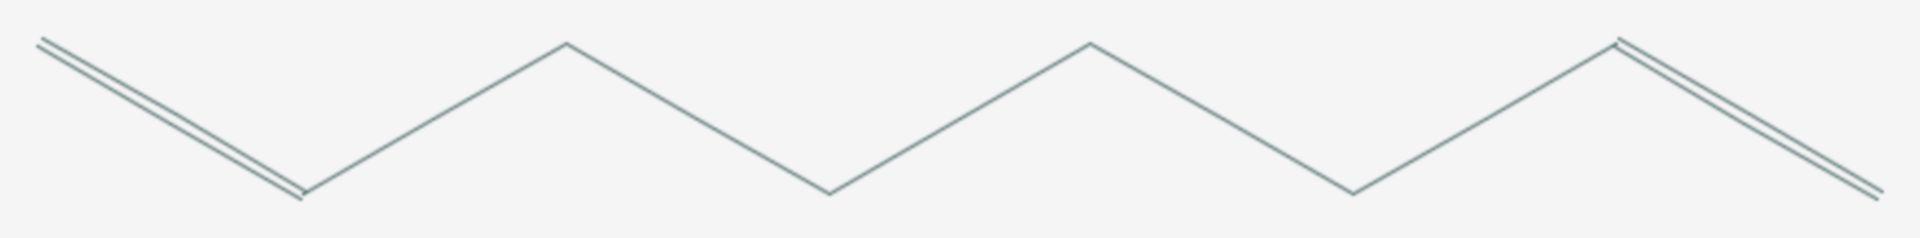 1,7-Octadien (Strukturformel)